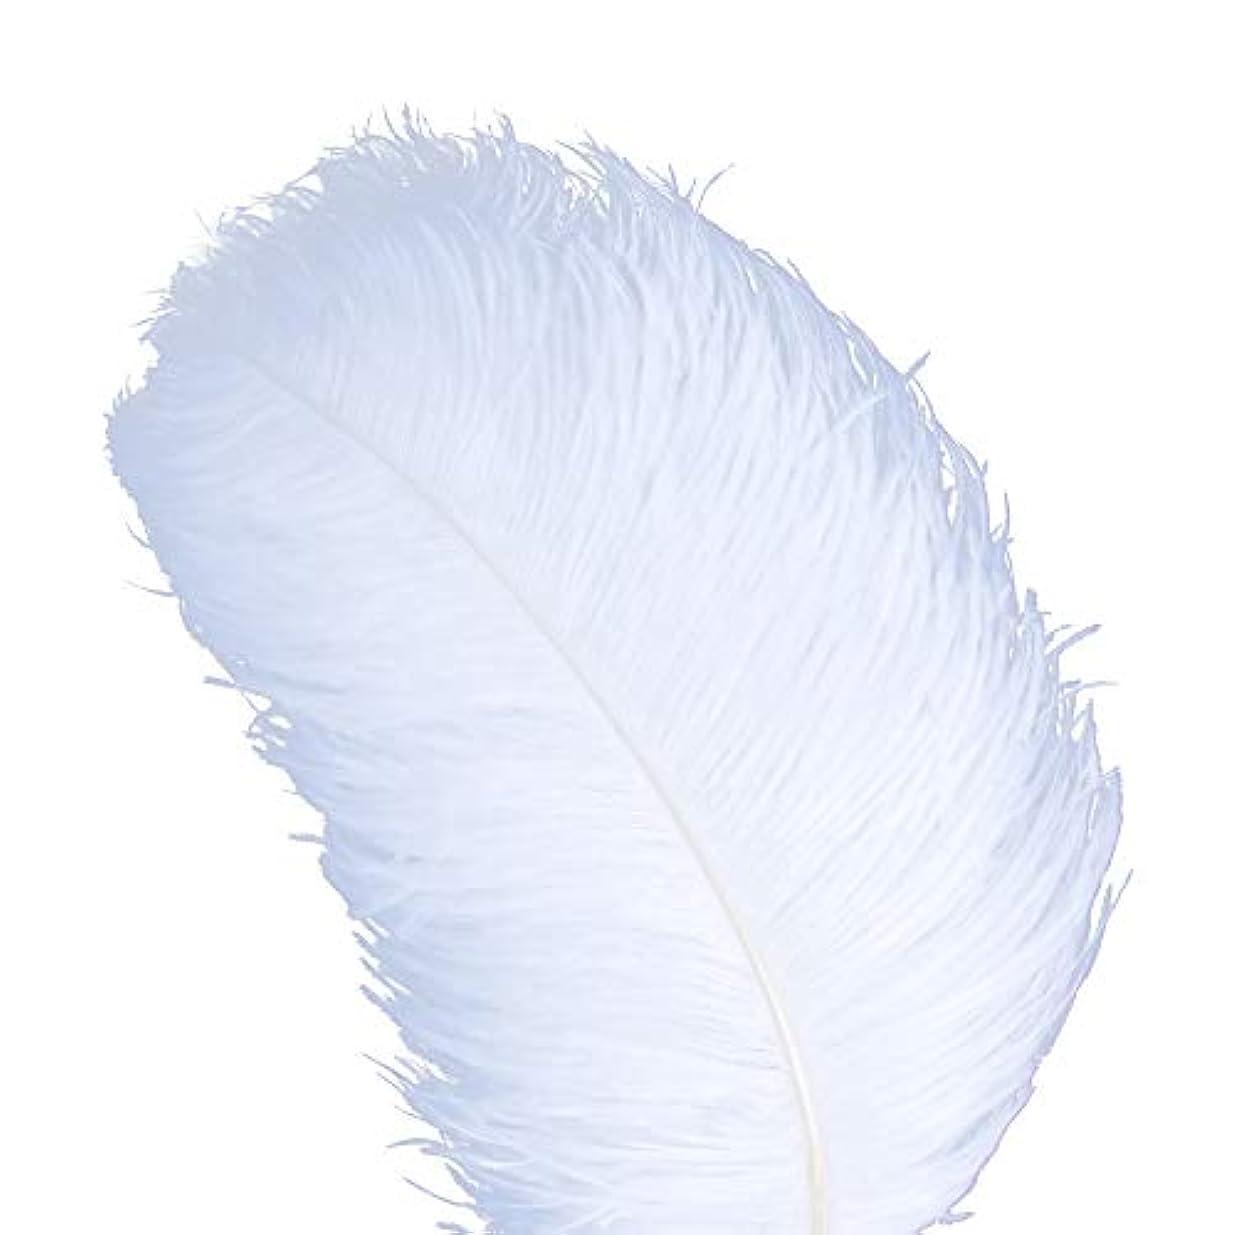 偽善者ハミングバードタバコAWAYTR 天然 18-20 インチ (45-50cm) オーストリッチ 羽 プラム 結婚式 センターピース ホームデコレーション 50pcs ホワイト 743070207763